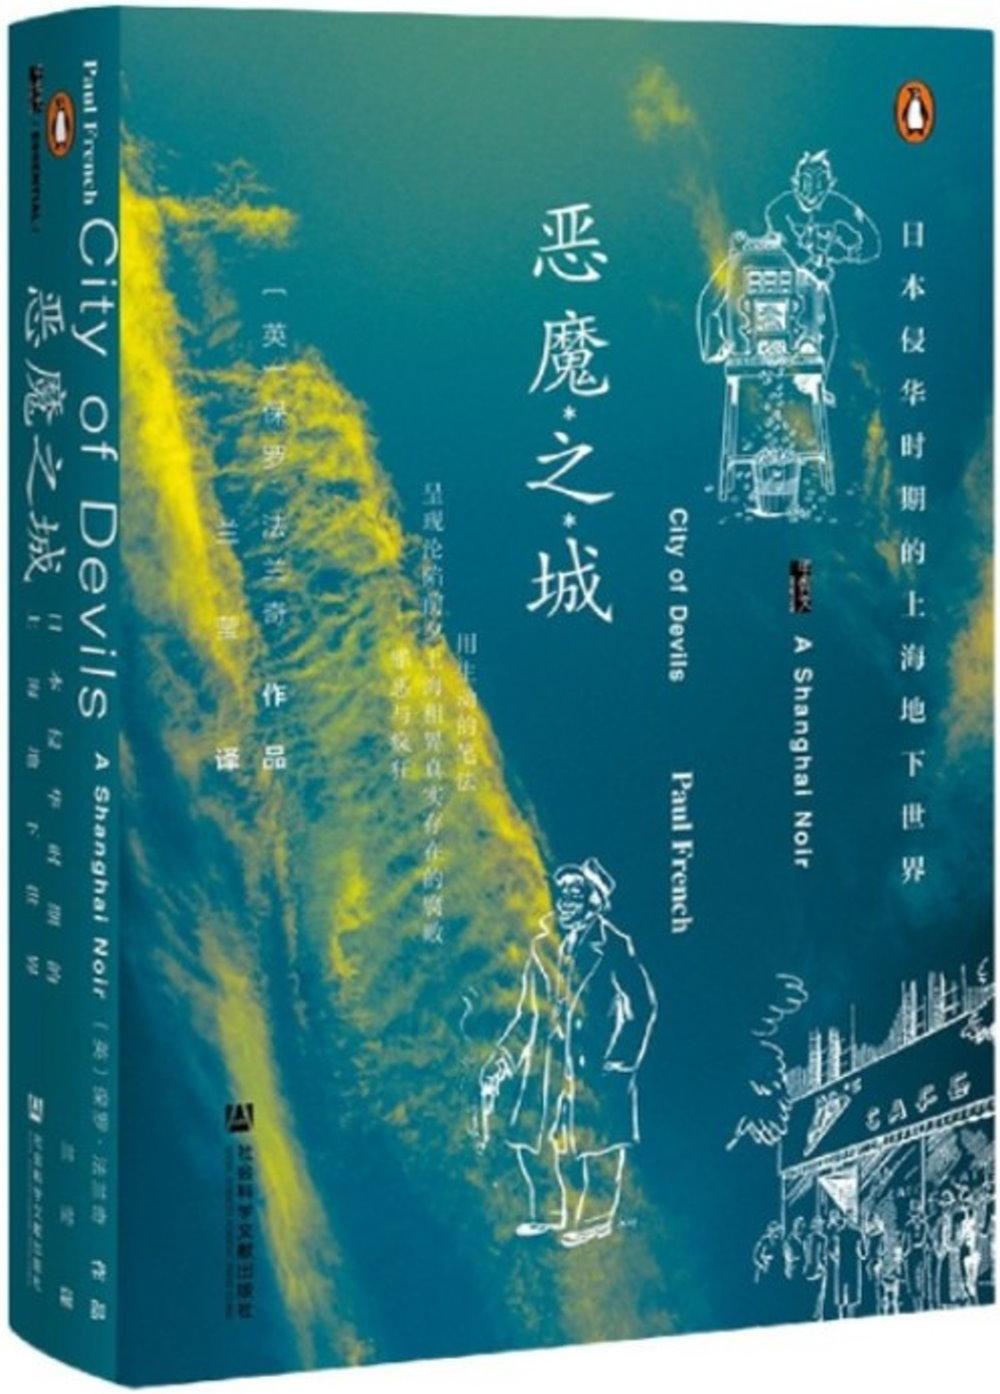 惡魔之城:日本侵華時期的上海地下世界